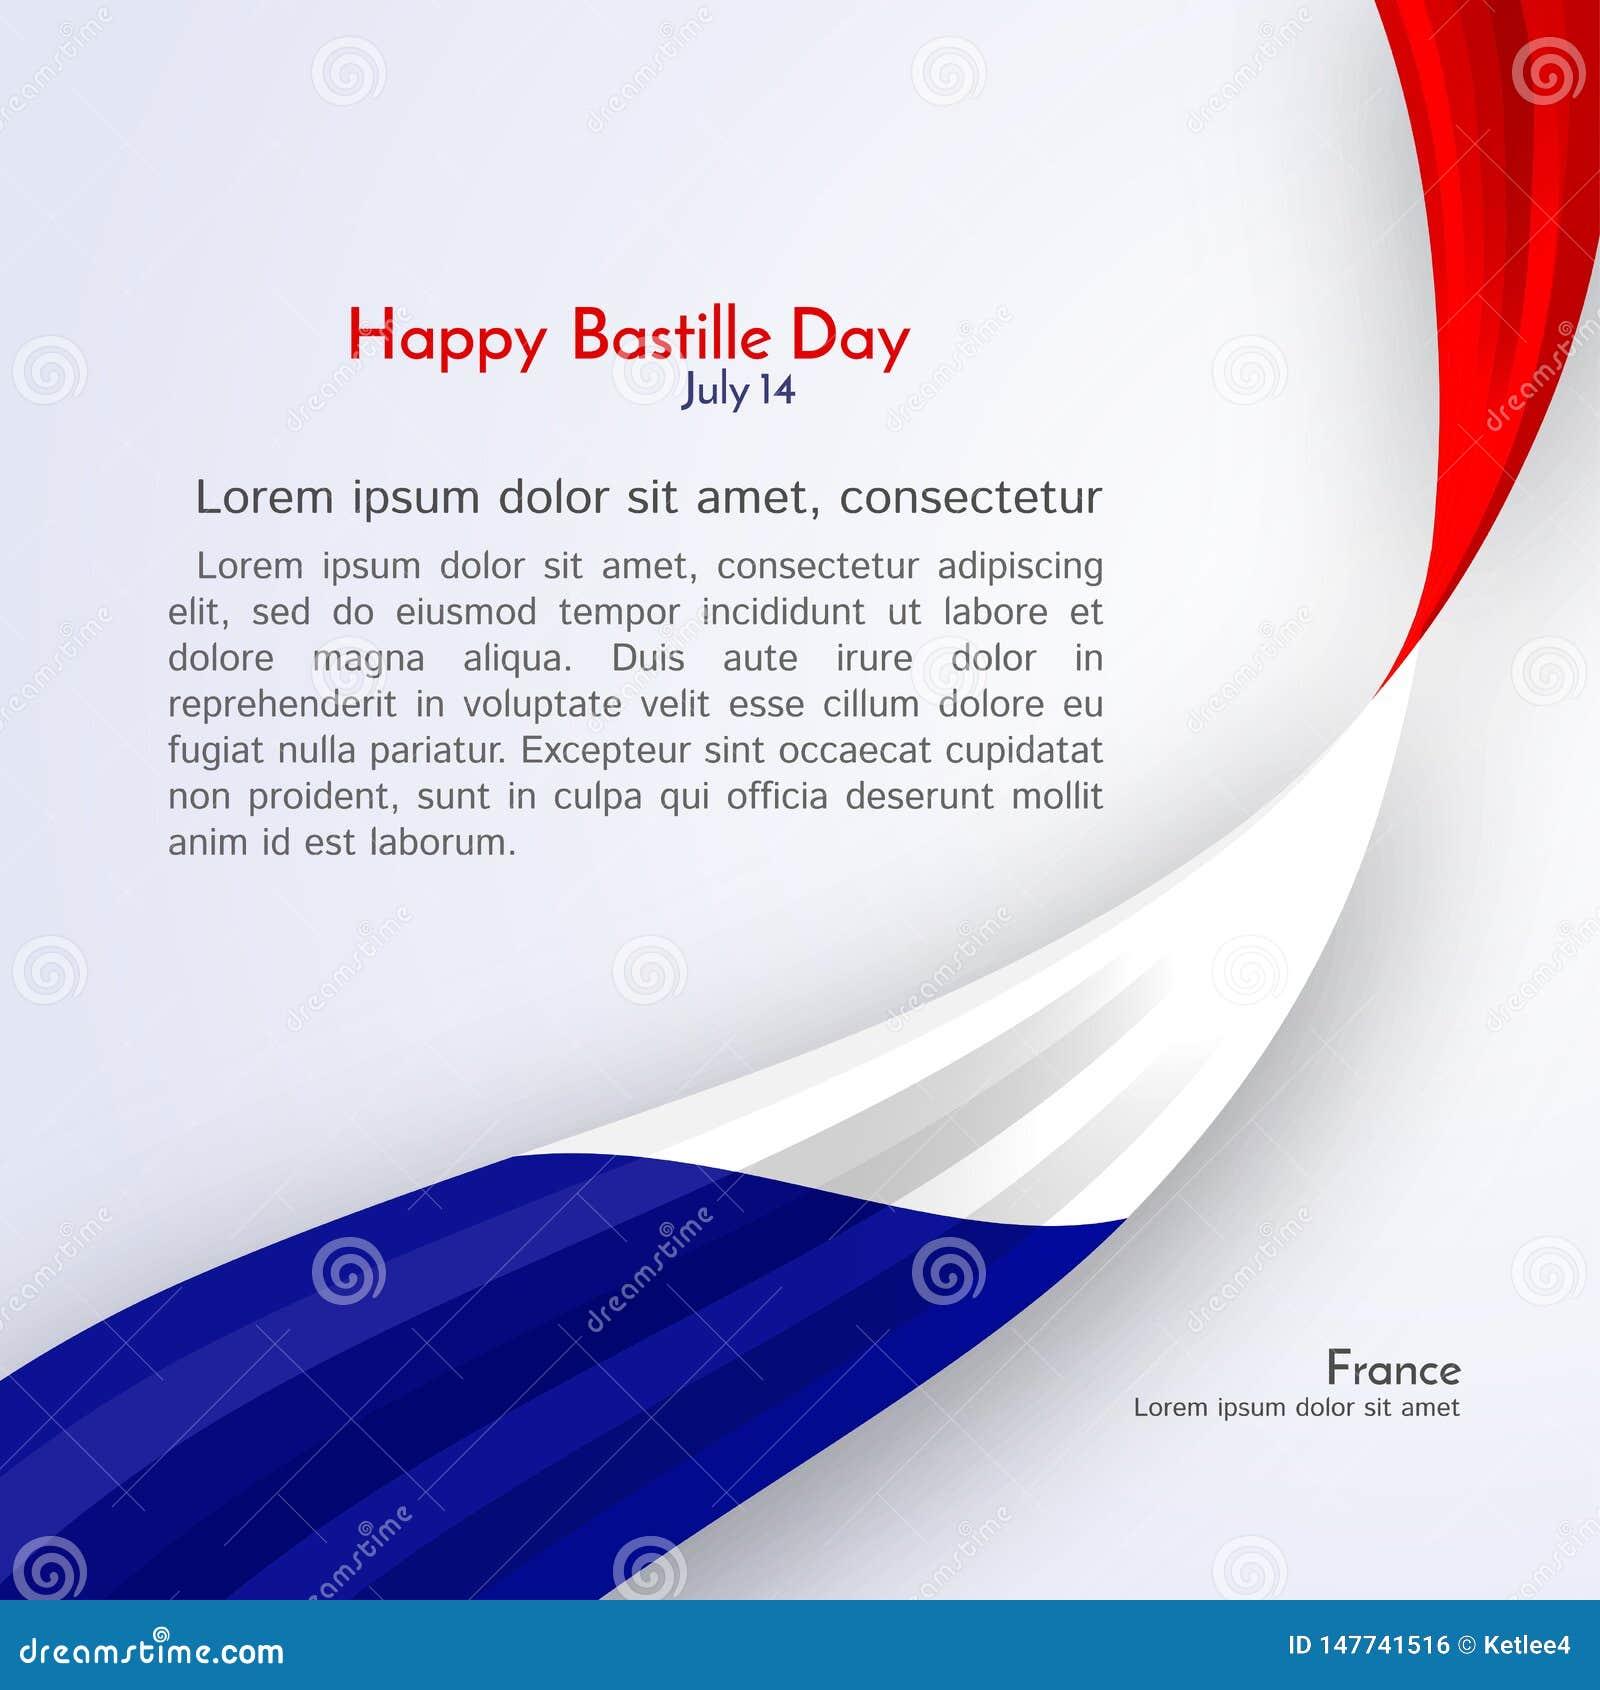 Lintvlag van Frankrijk en Dag van tekst de Gelukkige Bastille op een lichte lay-out van de achtergrondbrochurebanner met golvende